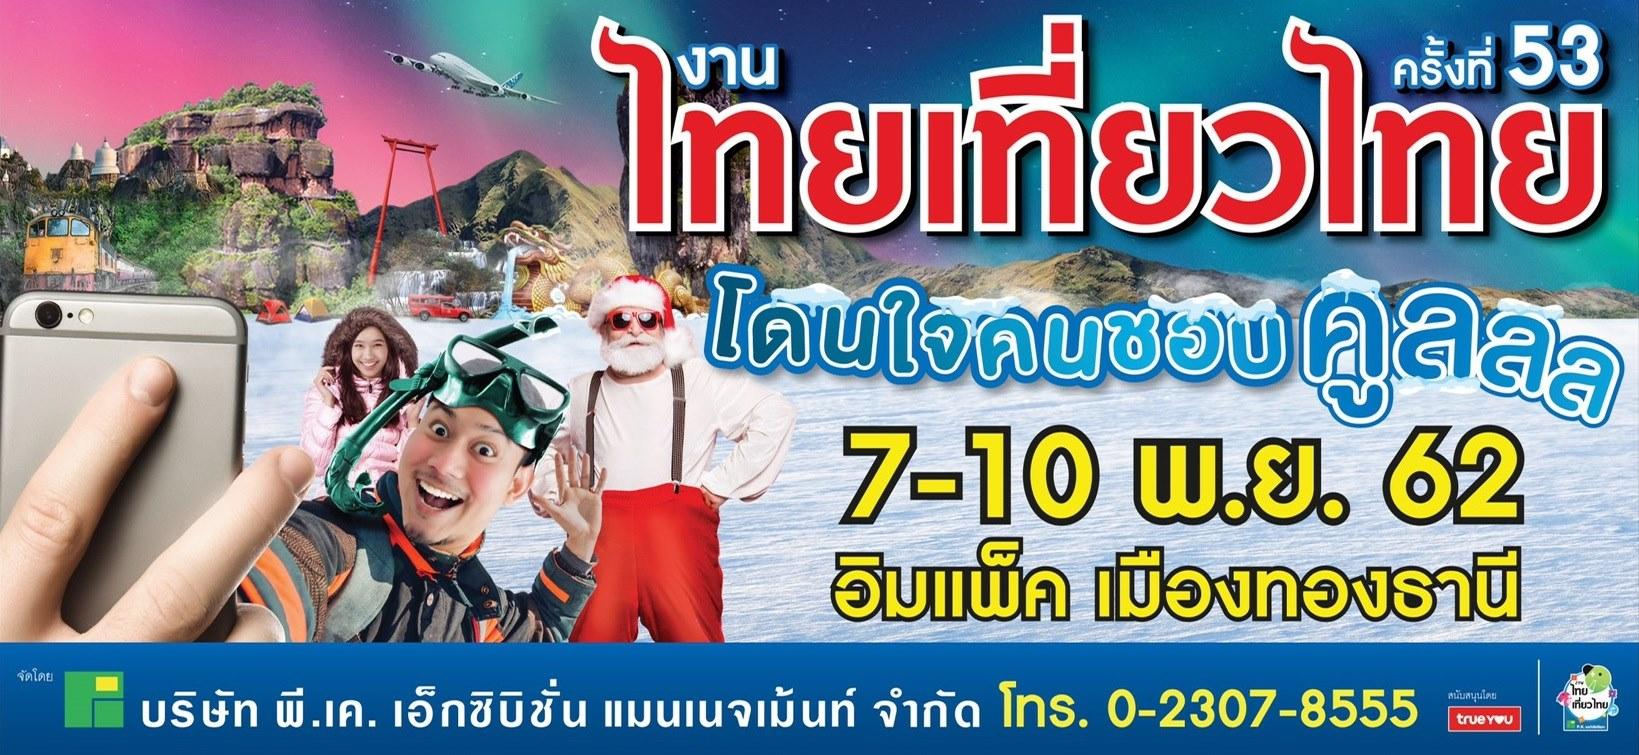 งานไทยเที่ยวไทย 7 – 10 พฤศจิกายน 2562 ณ อิมแพ็ค เมืองทองธานี